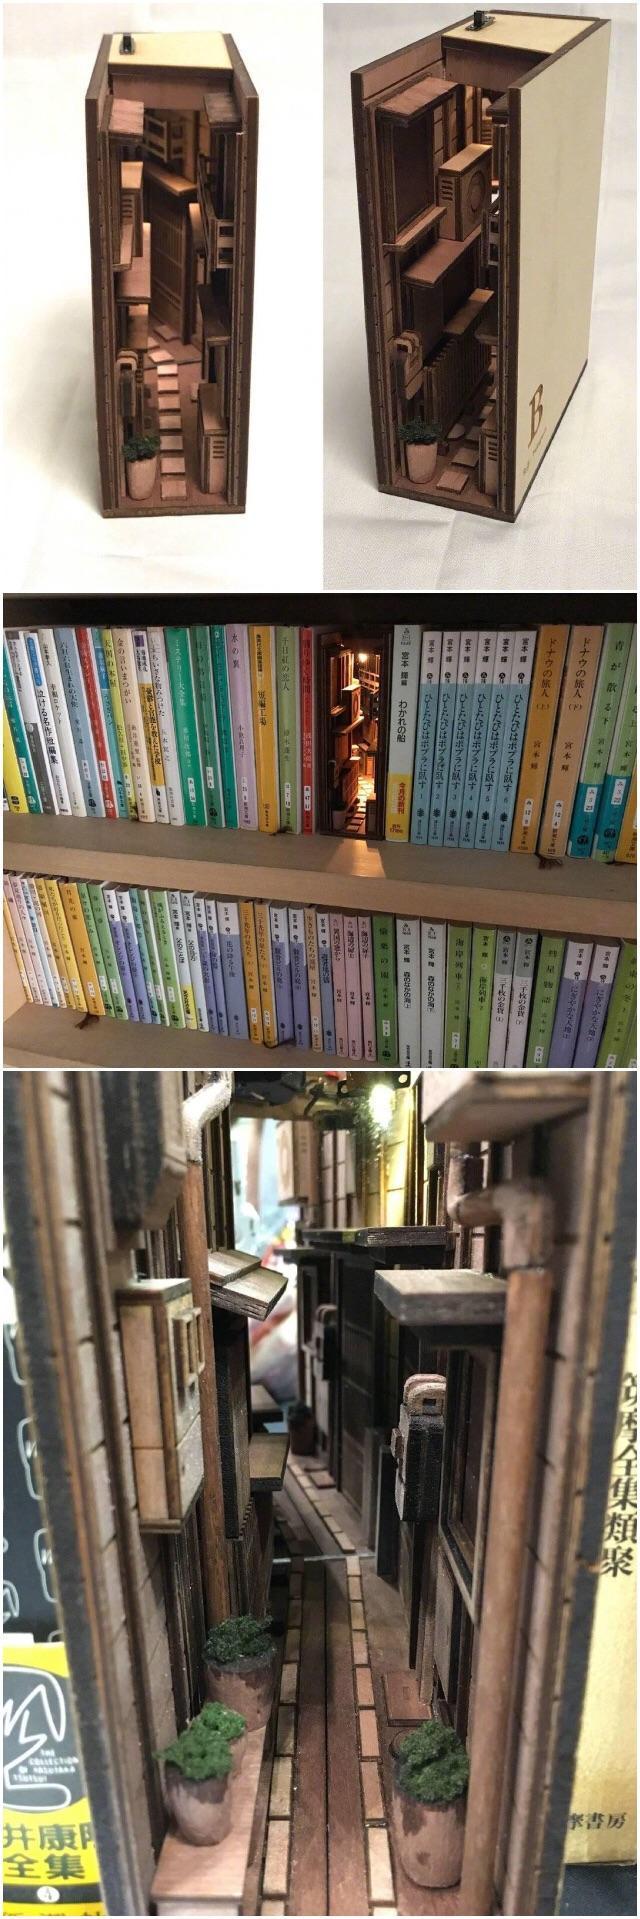 Вставка для книжной полки Книги, Книжная полка, Фотография, Reddit, Длиннопост